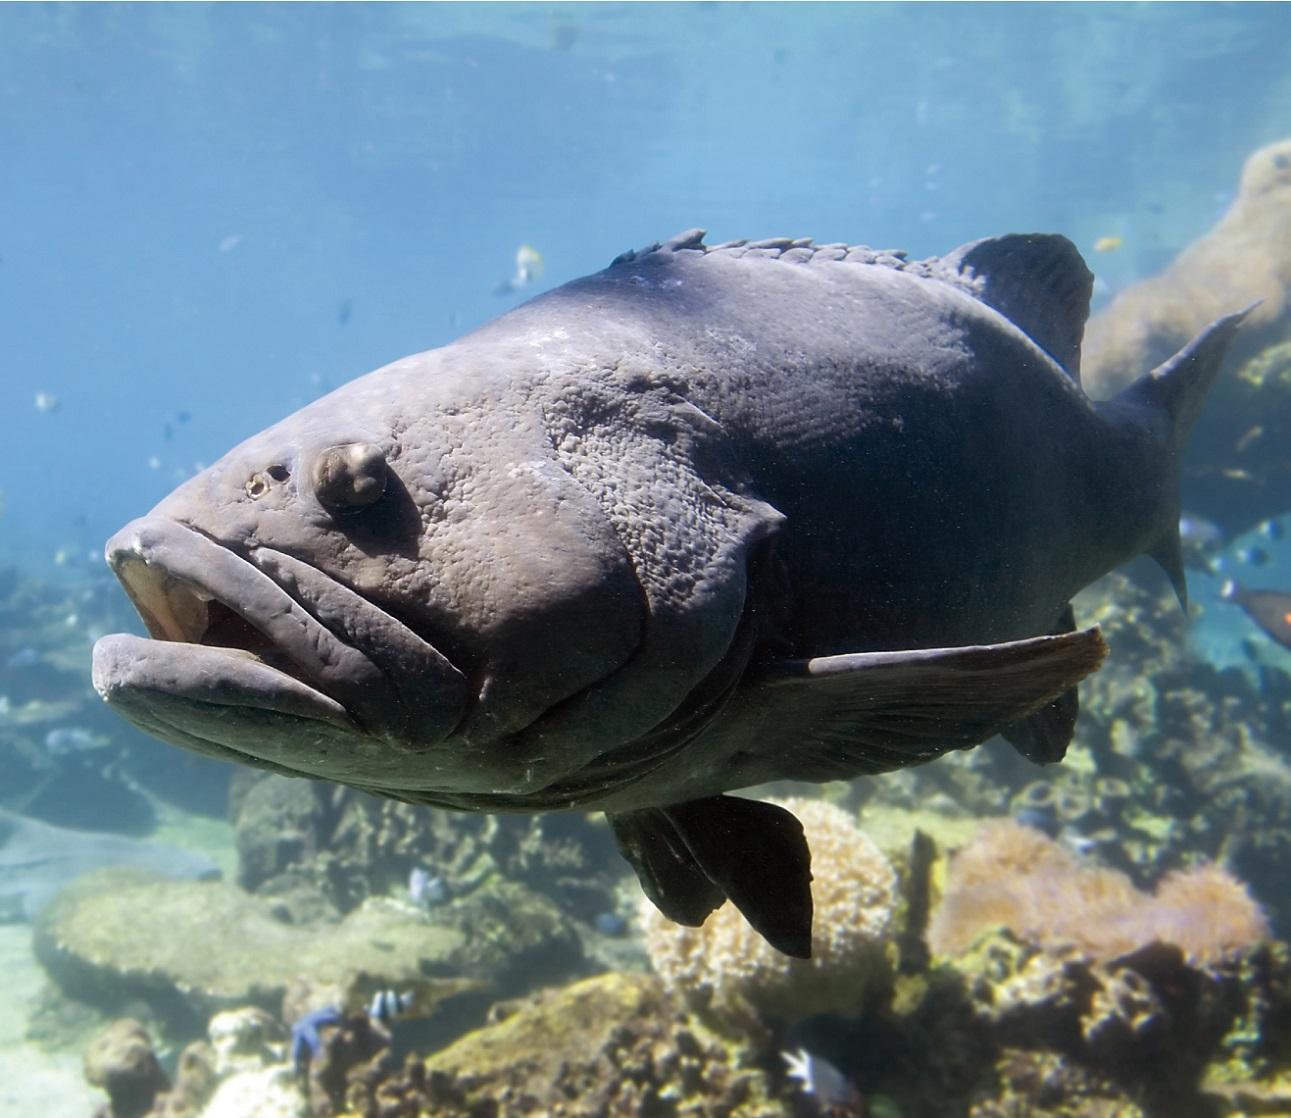 Cifras preliminares arrojan que en la temporada de pesca 2019 se capturaron más de siete mil toneladas de mero en los estados de Tabasco, Campeche, Yucatán y Quintana Roo.